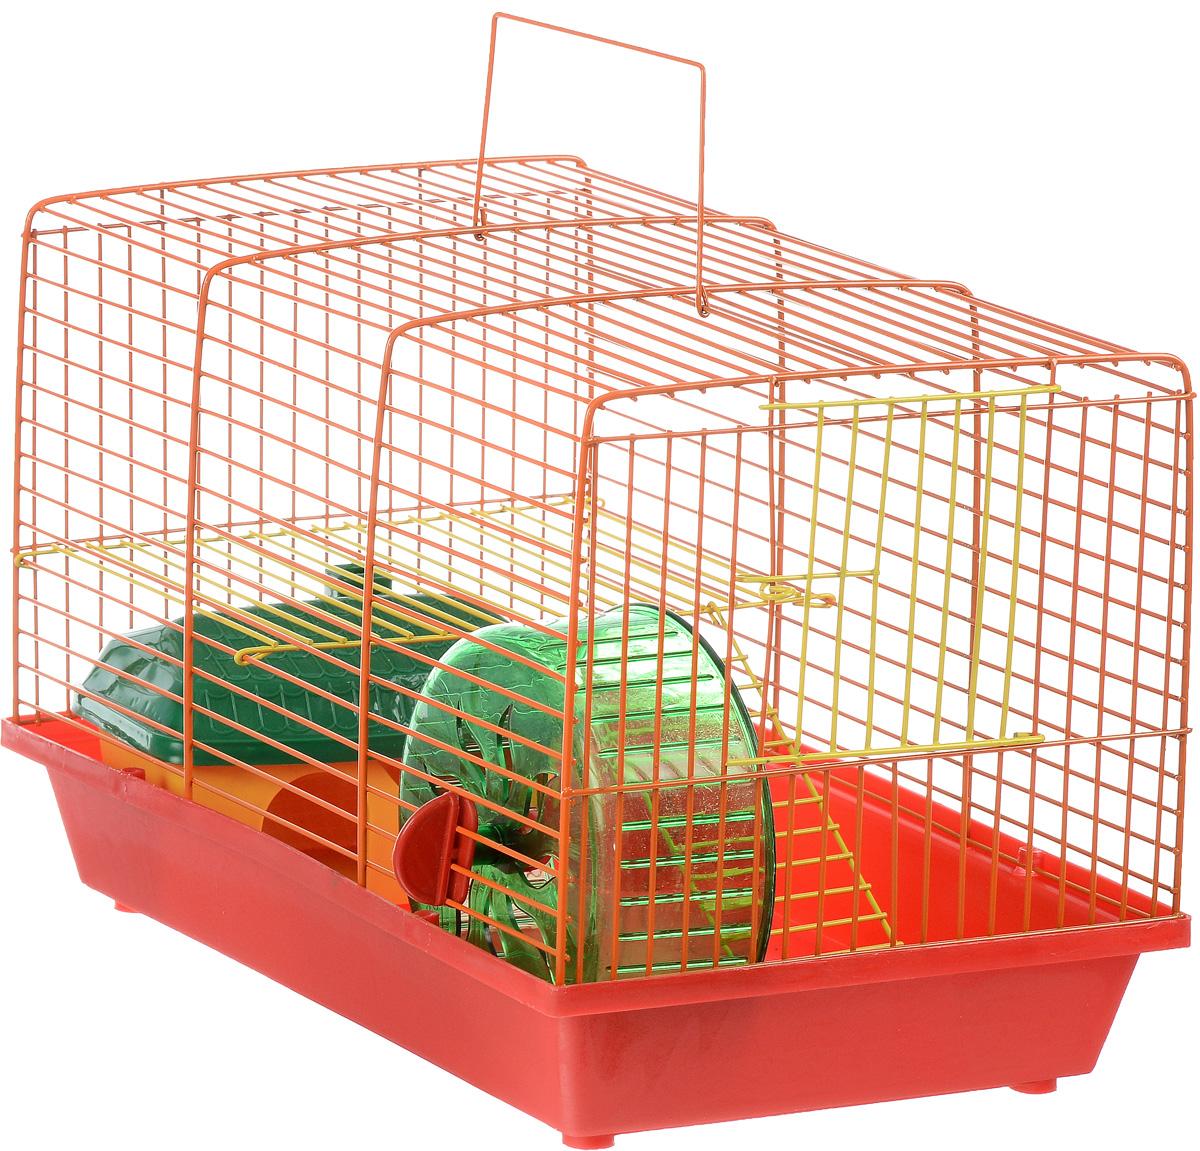 Клетка для грызунов ЗооМарк, 2-этажная, цвет: красный поддон, оранжевая решетка, желтый этаж, 36 х 22 х 24 см125_красный, оранжевый, желтыйКлетка ЗооМарк, выполненная из полипропилена и металла, подходит для мелких грызунов. Изделие двухэтажное, оборудовано колесом для подвижных игр и пластиковым домиком. Клетка имеет яркий поддон, удобна в использовании и легко чистится. Сверху имеется ручка для переноски, а сбоку удобная дверца. Такая клетка станет уединенным личным пространством и уютным домиком для маленького грызуна.